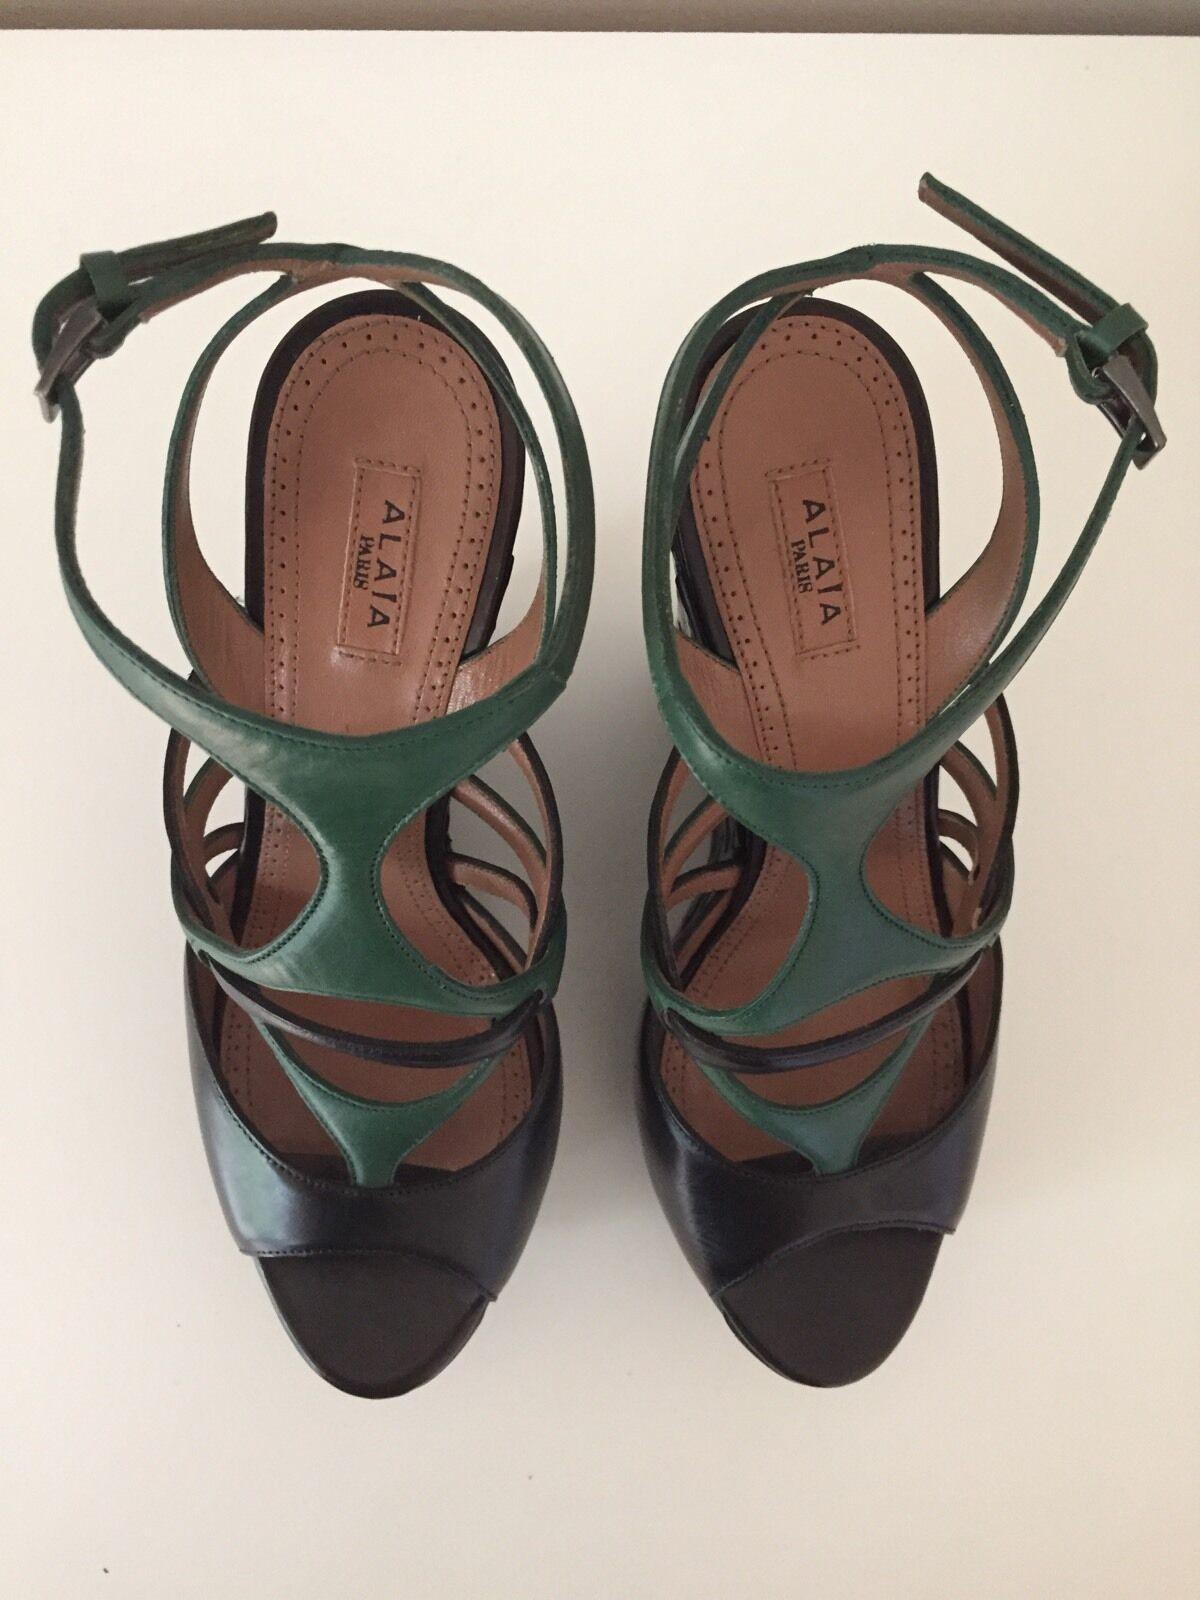 ALAÏA Schuhe, LUXUS NEU PUR, NEU NEU LUXUS NEU, 100% Original, Gr. 38 c6337c